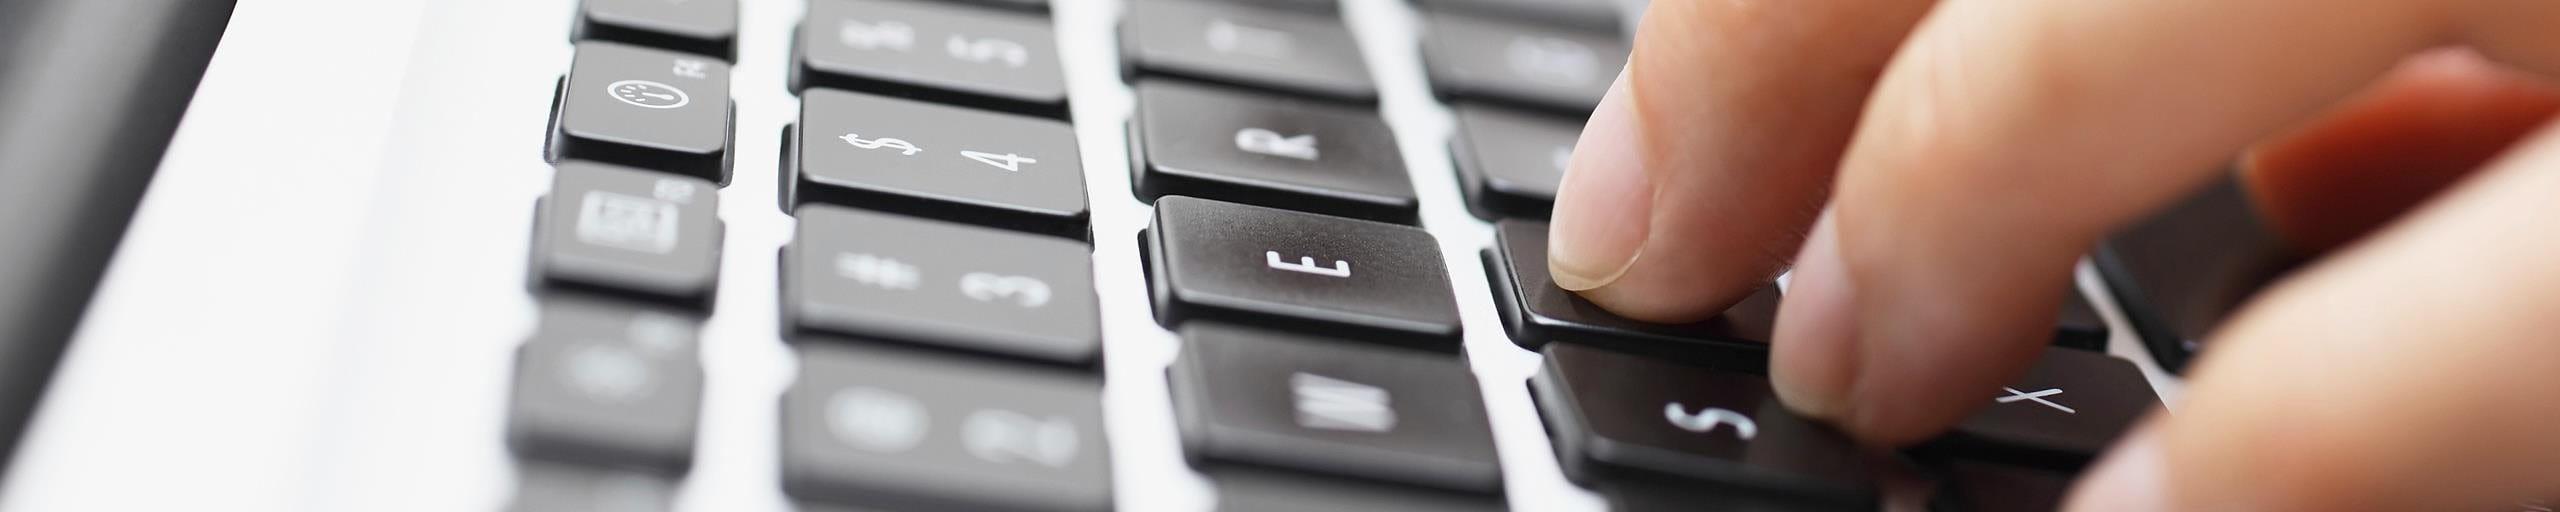 Assicurazione cyber security and privacy zurich svizzera for Assicurazione mobilia domestica